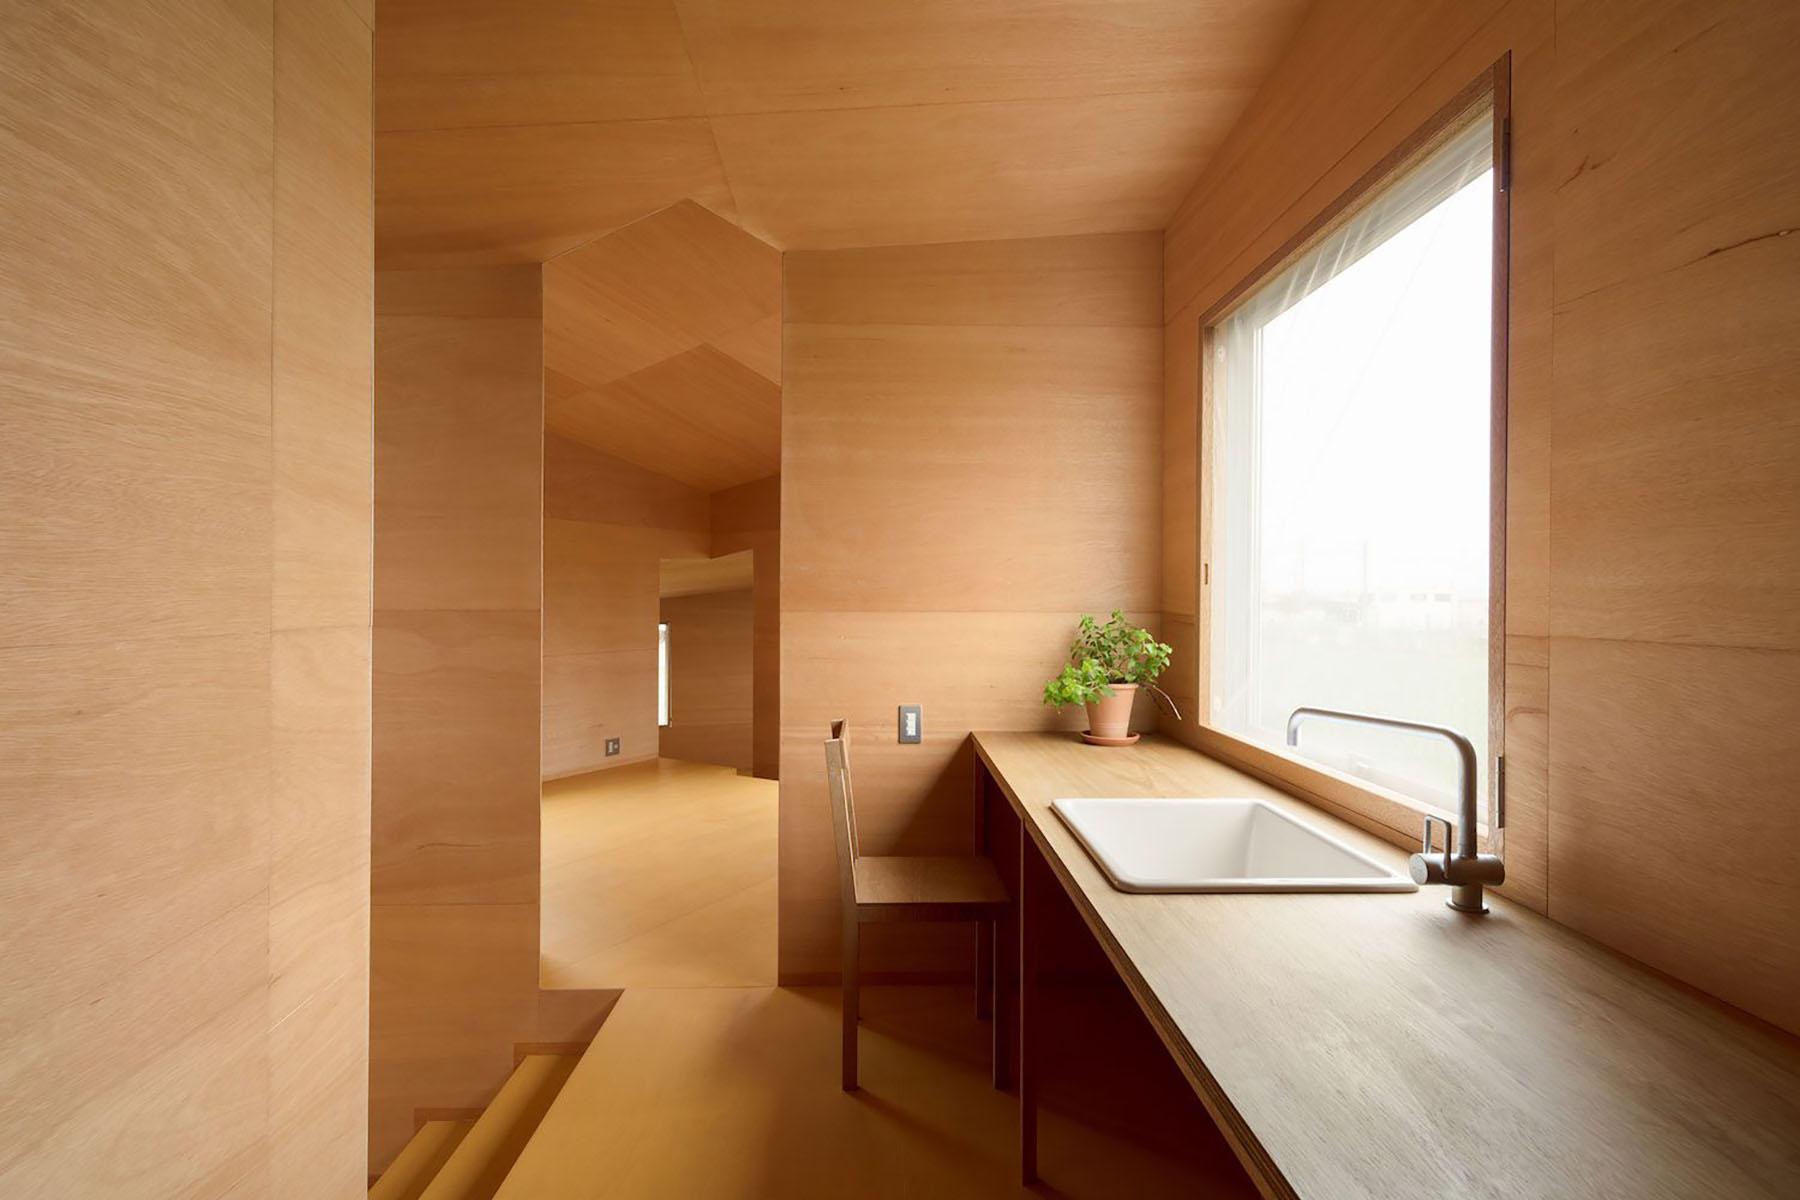 iGNANT-Architecture-Miya-Akiko-Roofs-And-Window-001